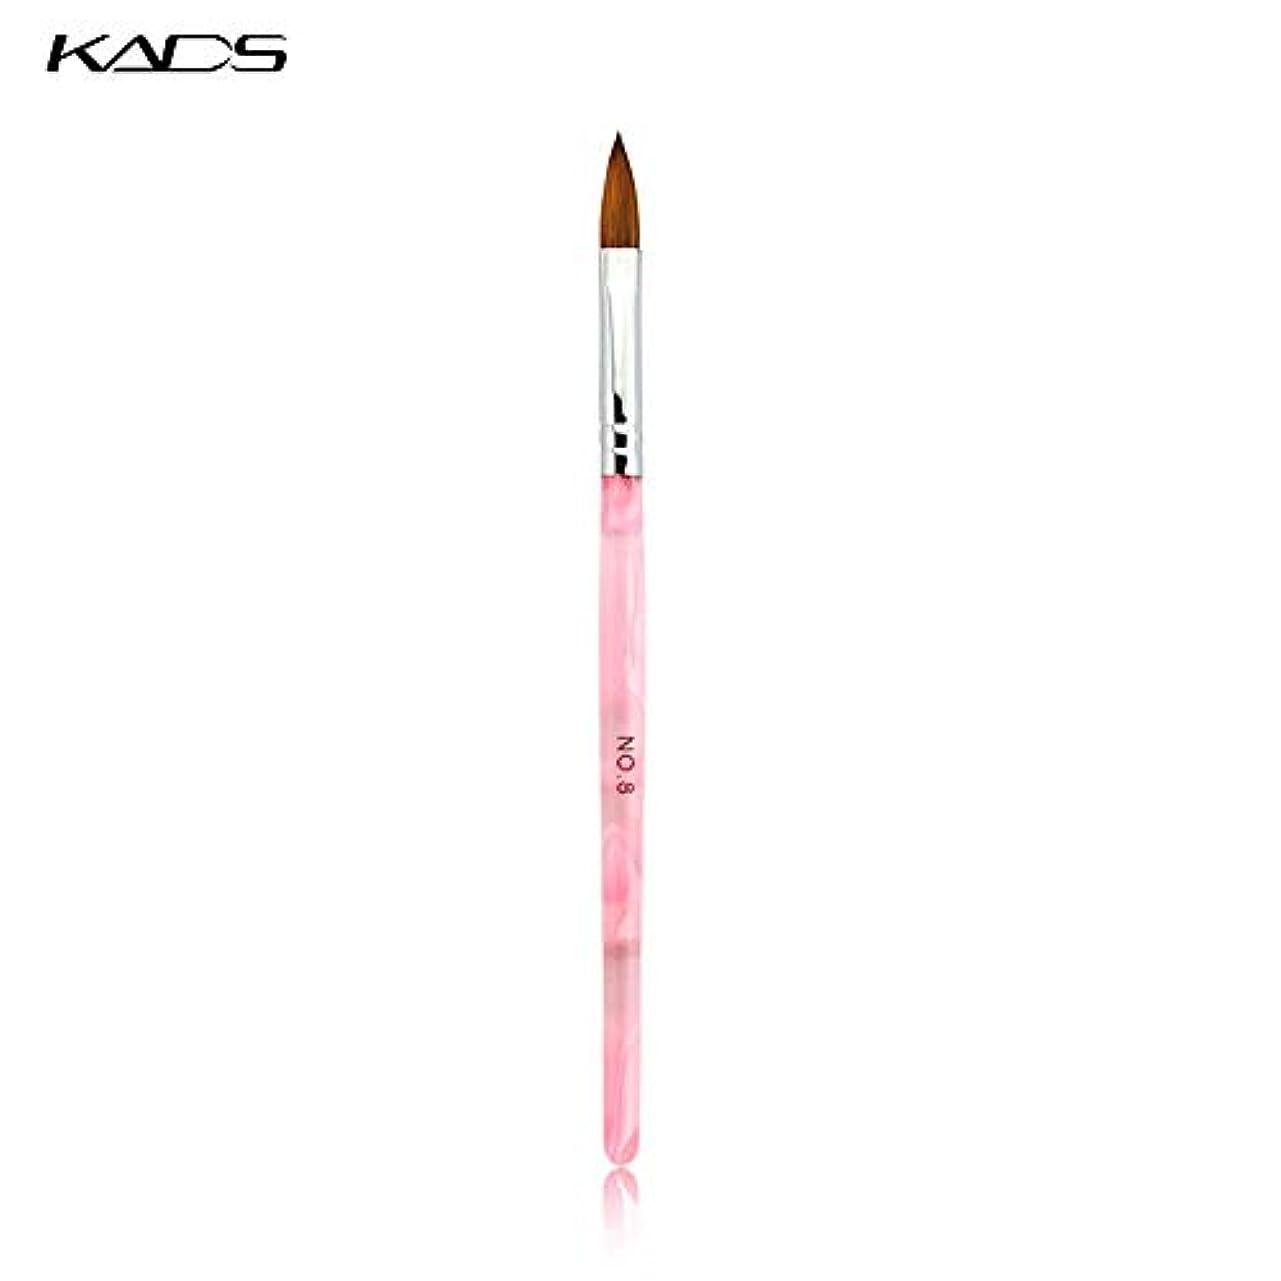 埋めるイブ逆さまにKADS アクリル用ネイル筆/ブラシ 1本 8# コリンスキー筆 ネイルアートペンネイルアートツール (8#)